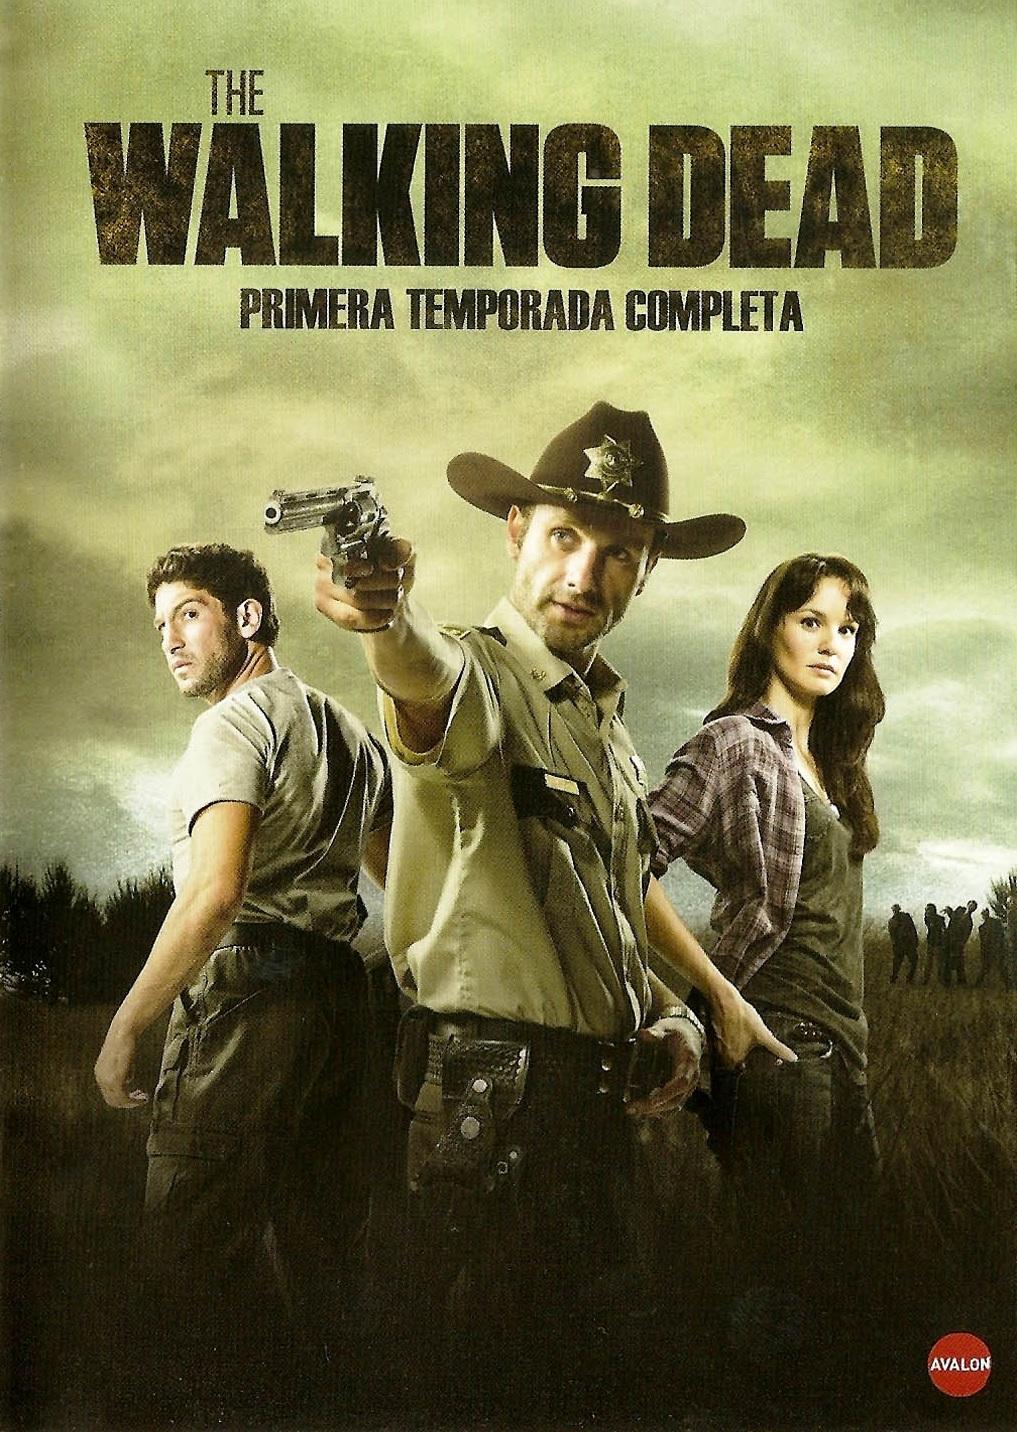 the walking dead temporada 1 capitulo 6 subtitulado online dating